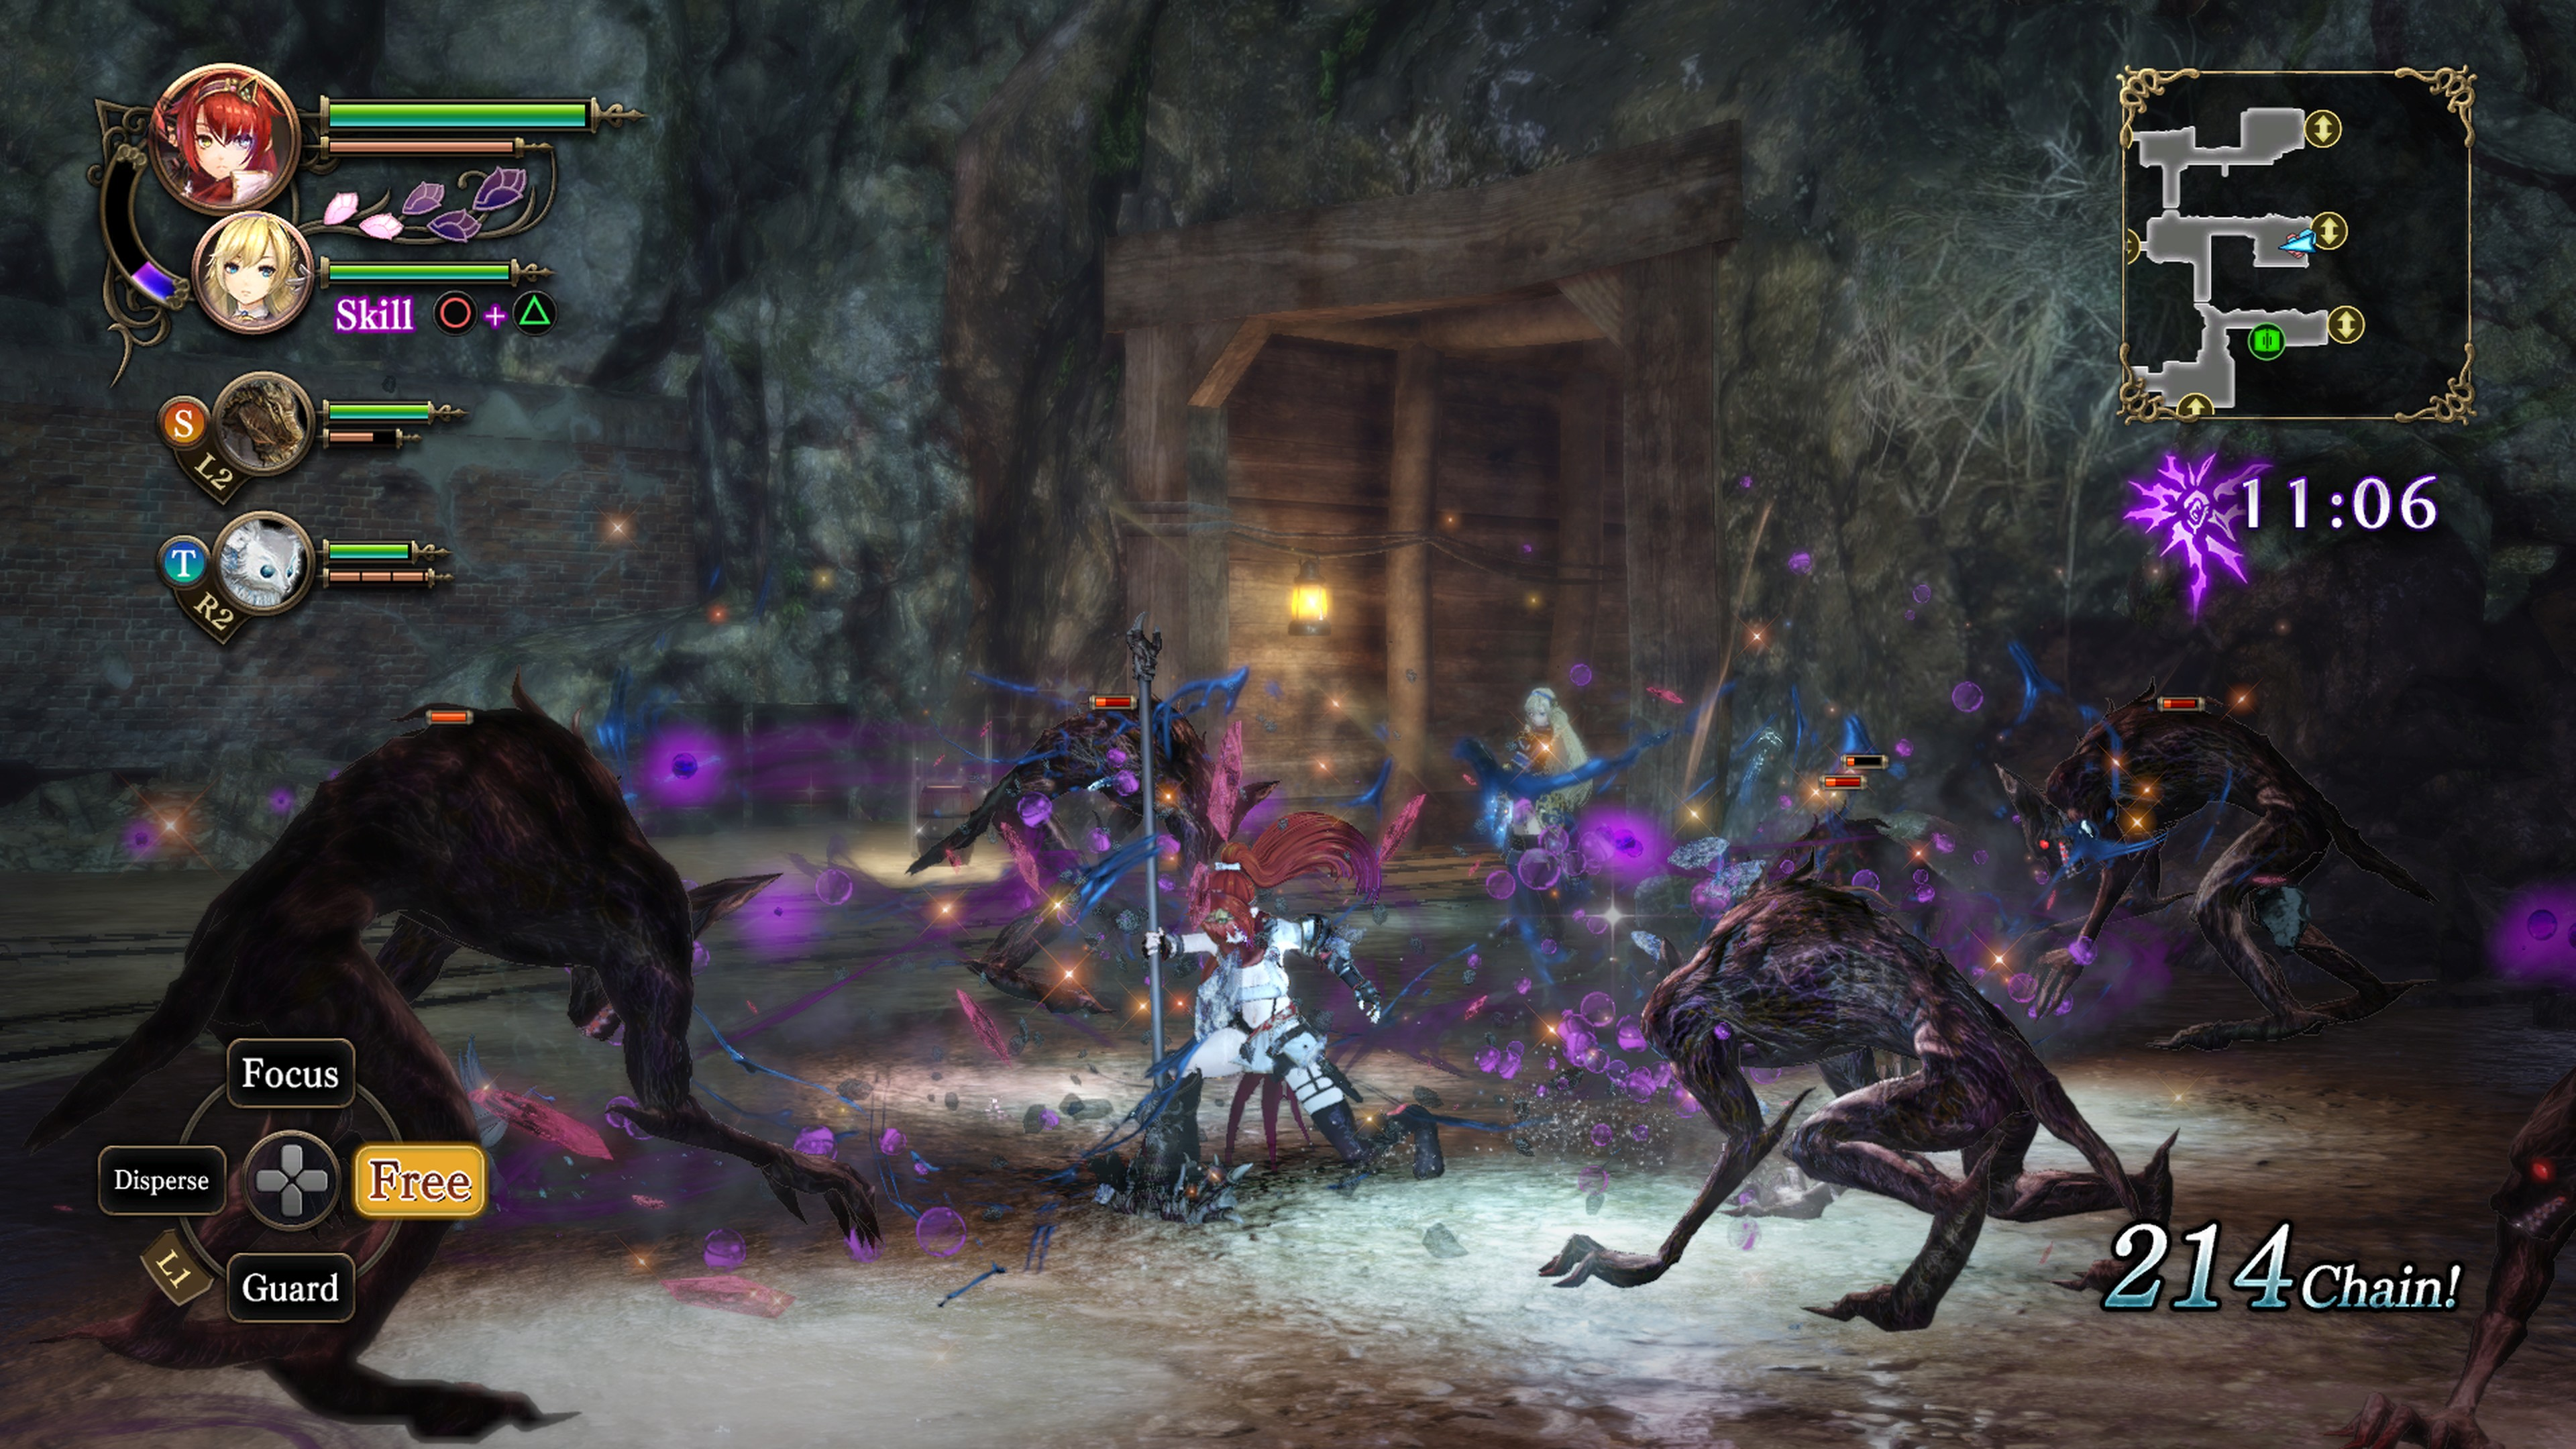 Detaily bojového sytému Nights of Azure 2 a bonusy po vydání 149851